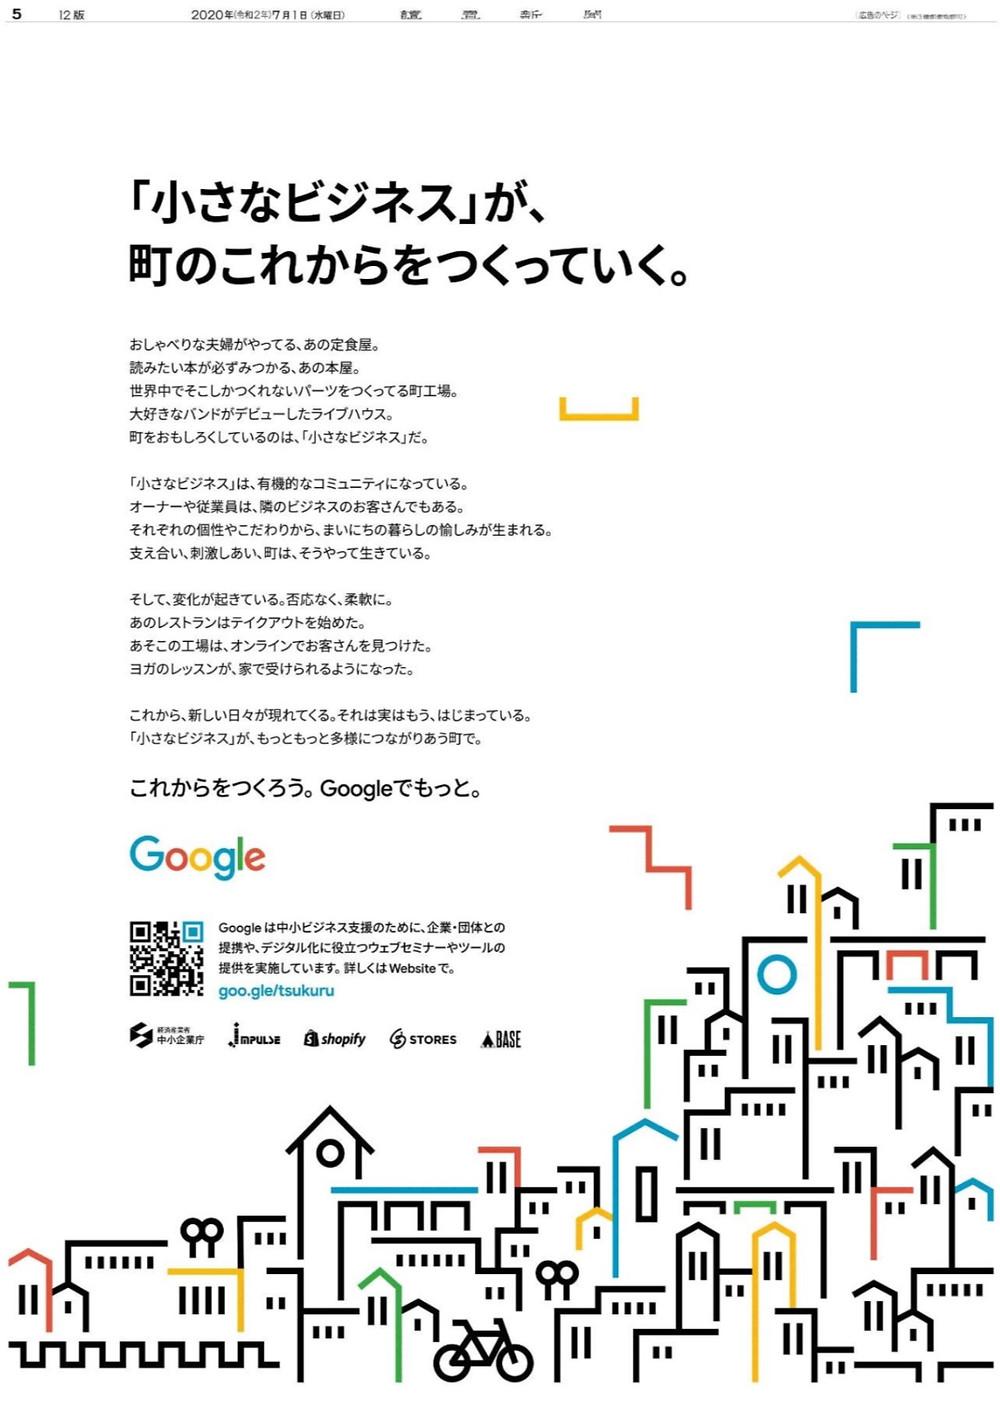 Google, グーグル, 「小さなビジネス」が、町のこれからをつくっていく。, これからをつくろう。Googleでもっと。, 新聞広告,広告コピー, 広告レビュー,広告事例,コピーライティング